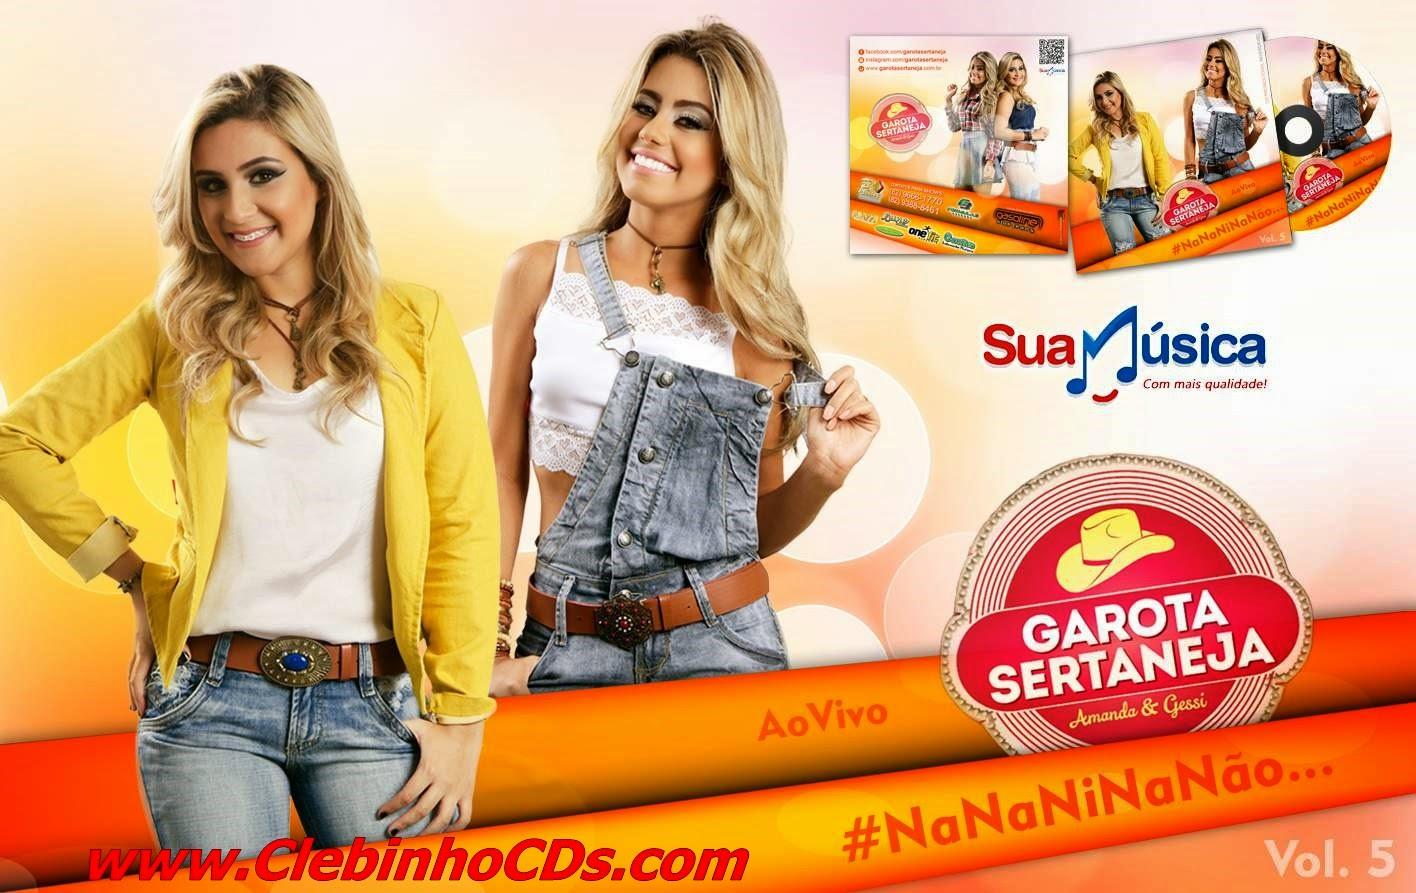 Garota Sertaneja - Ao Vivo - Promocional Oficial 2015